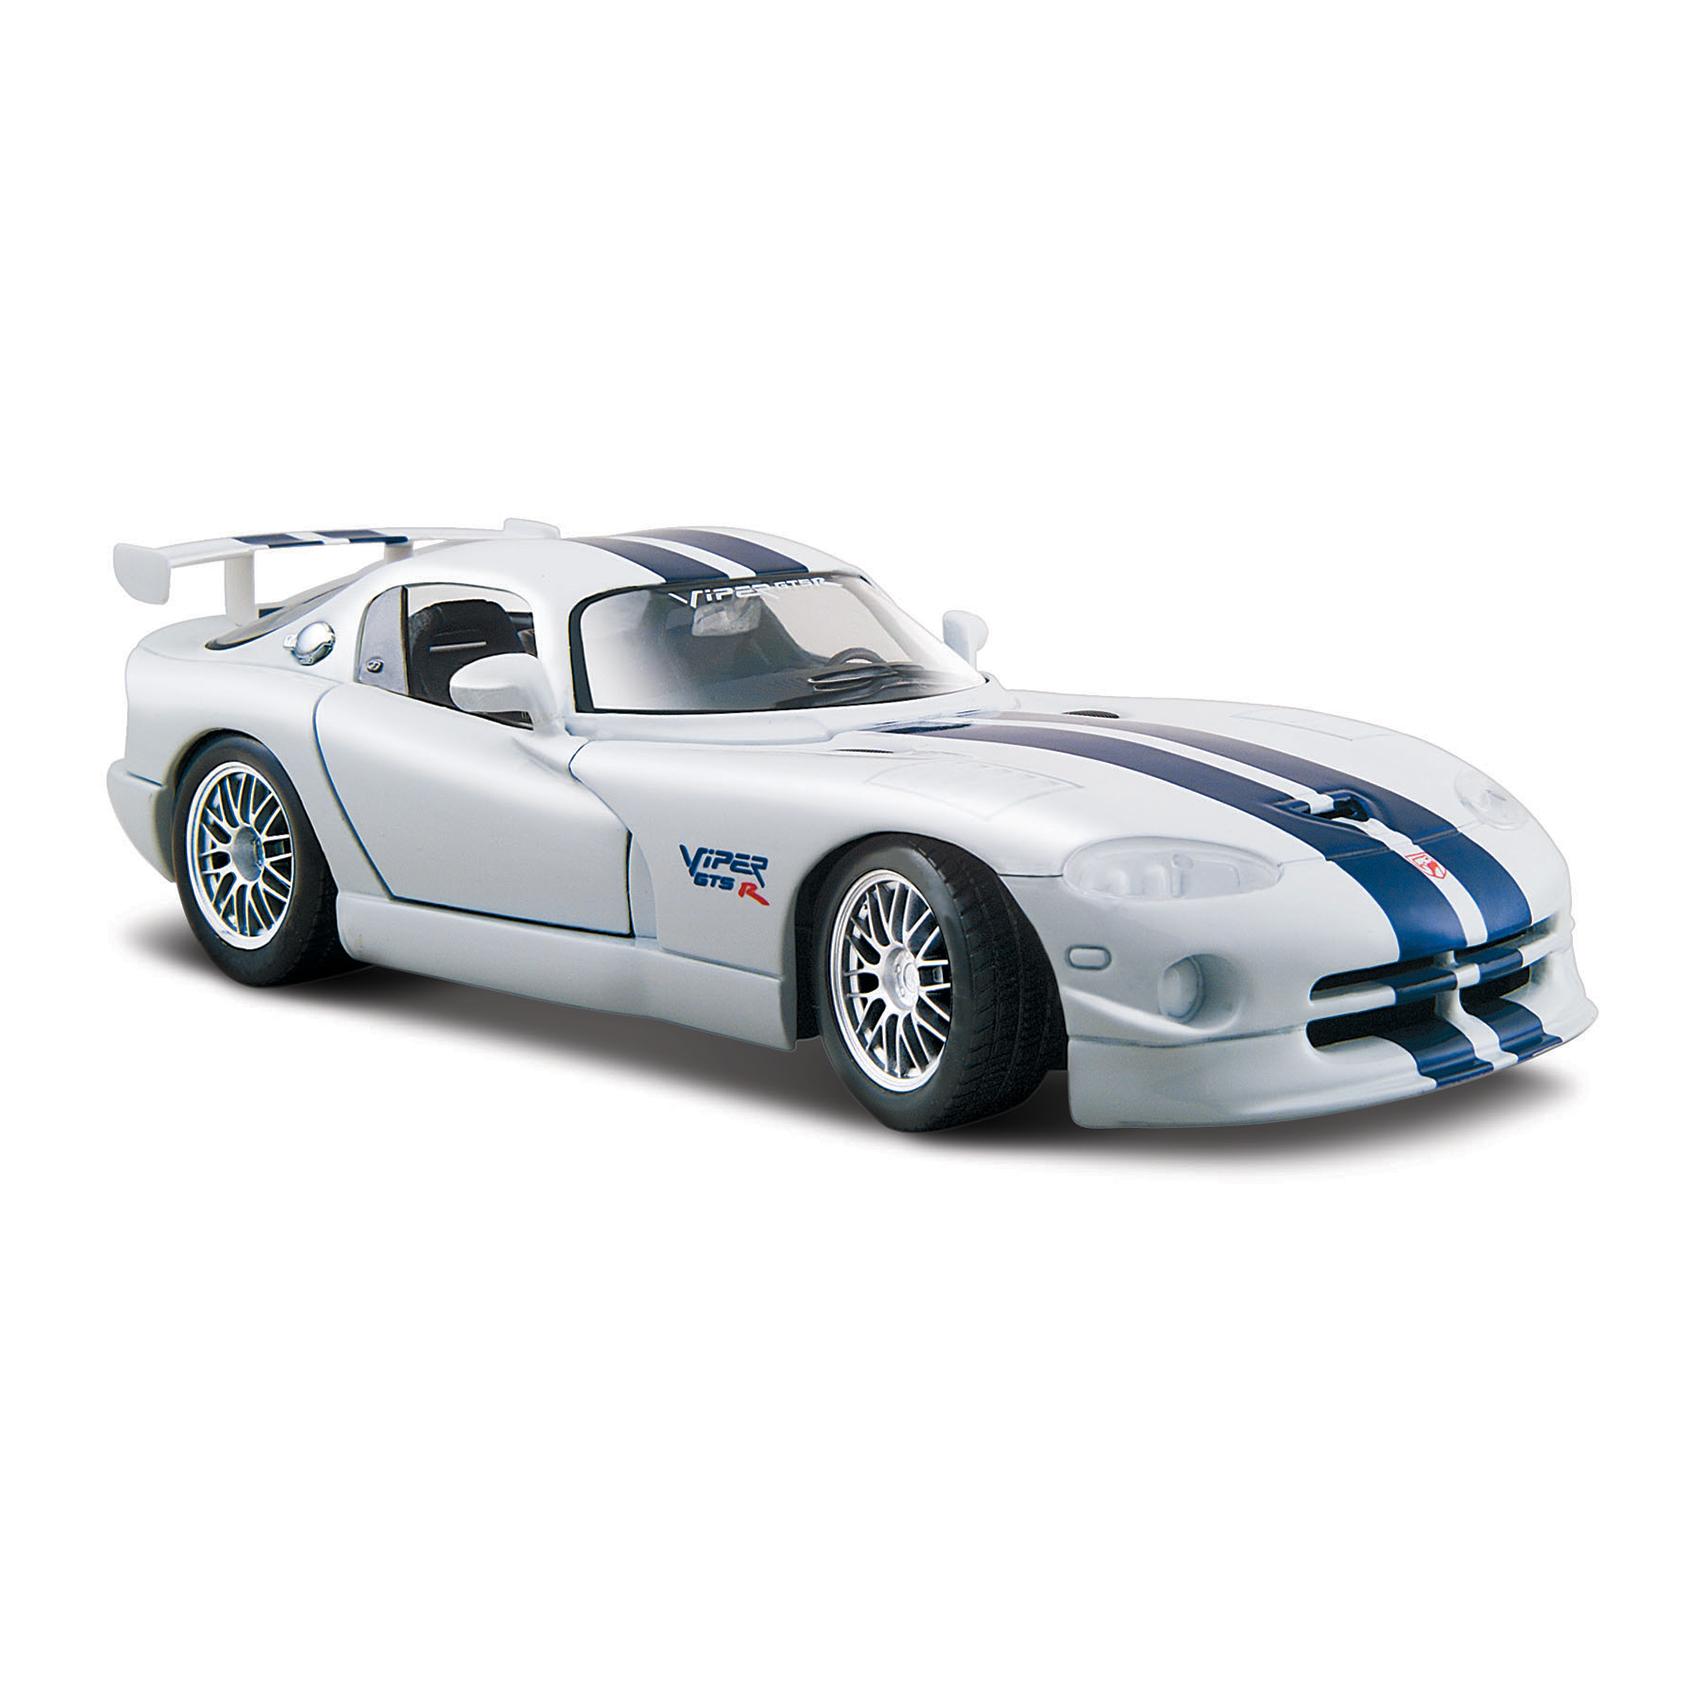 Masinuta Maisto Dodge Viper GT2 1:24